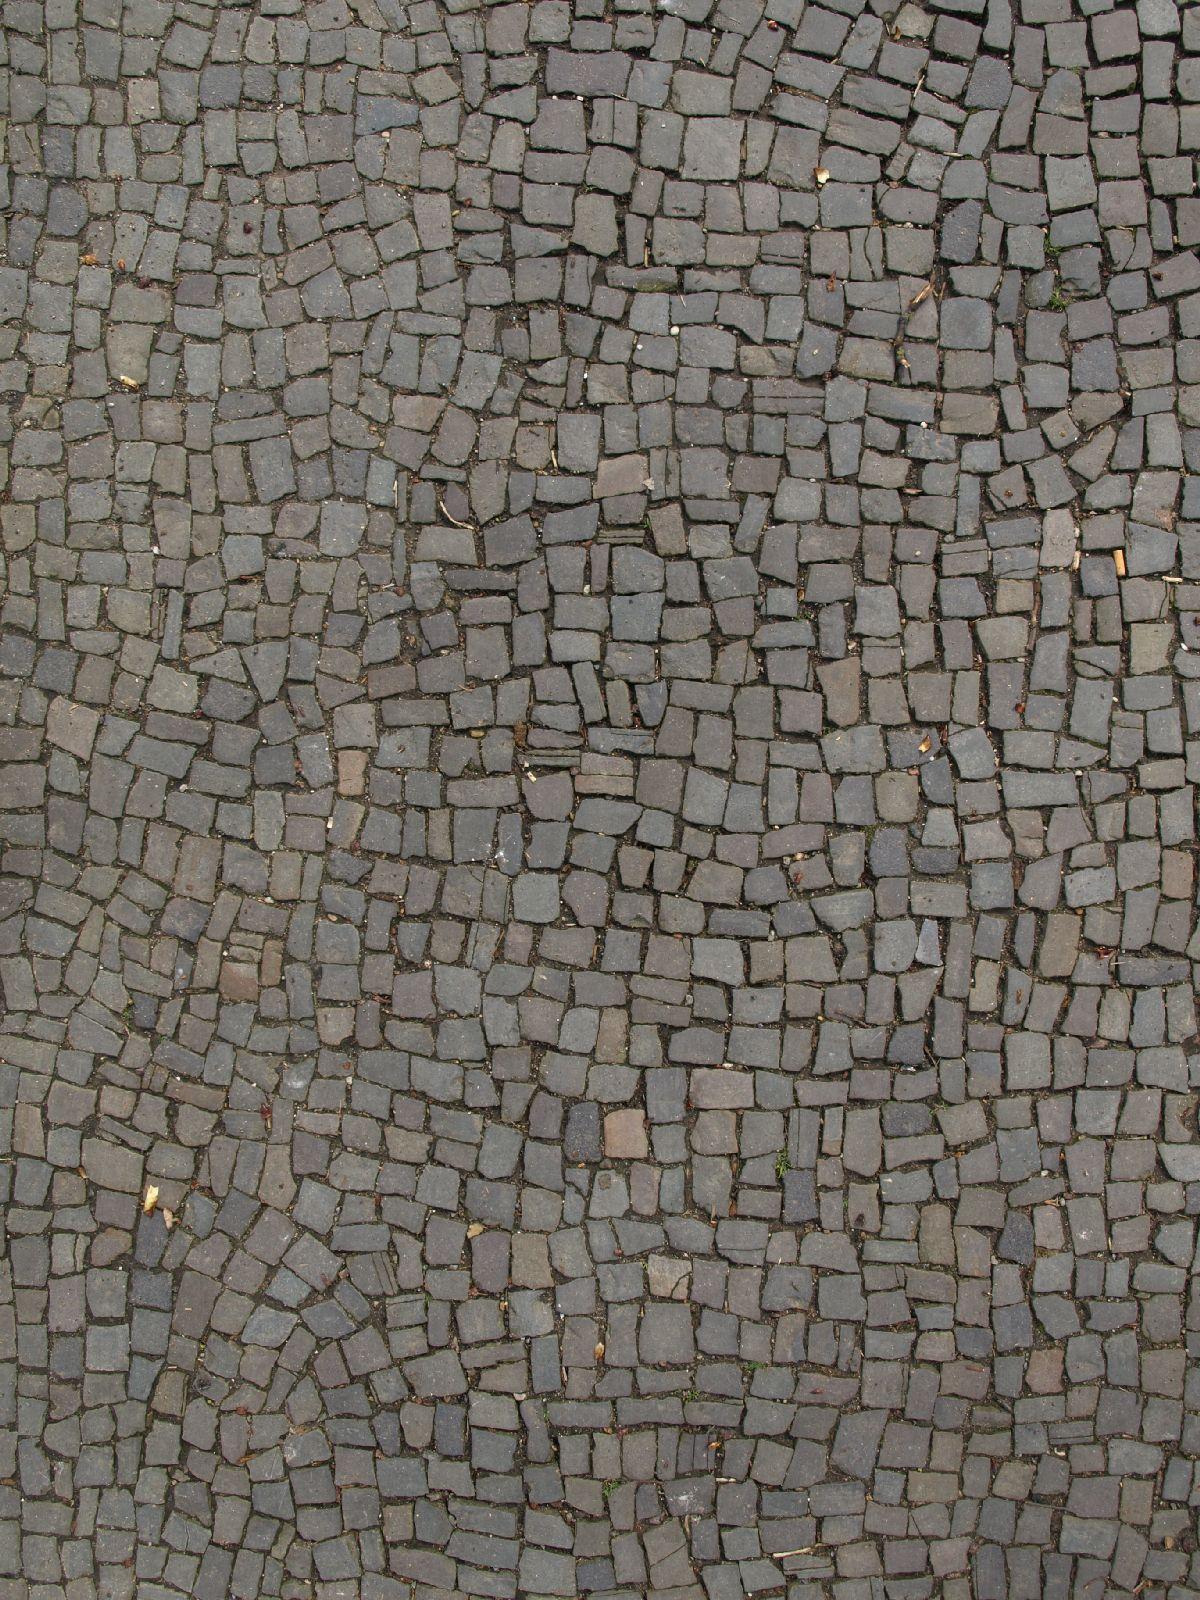 Boden-Gehweg-Strasse-Buergersteig-Textur_A_P4131092